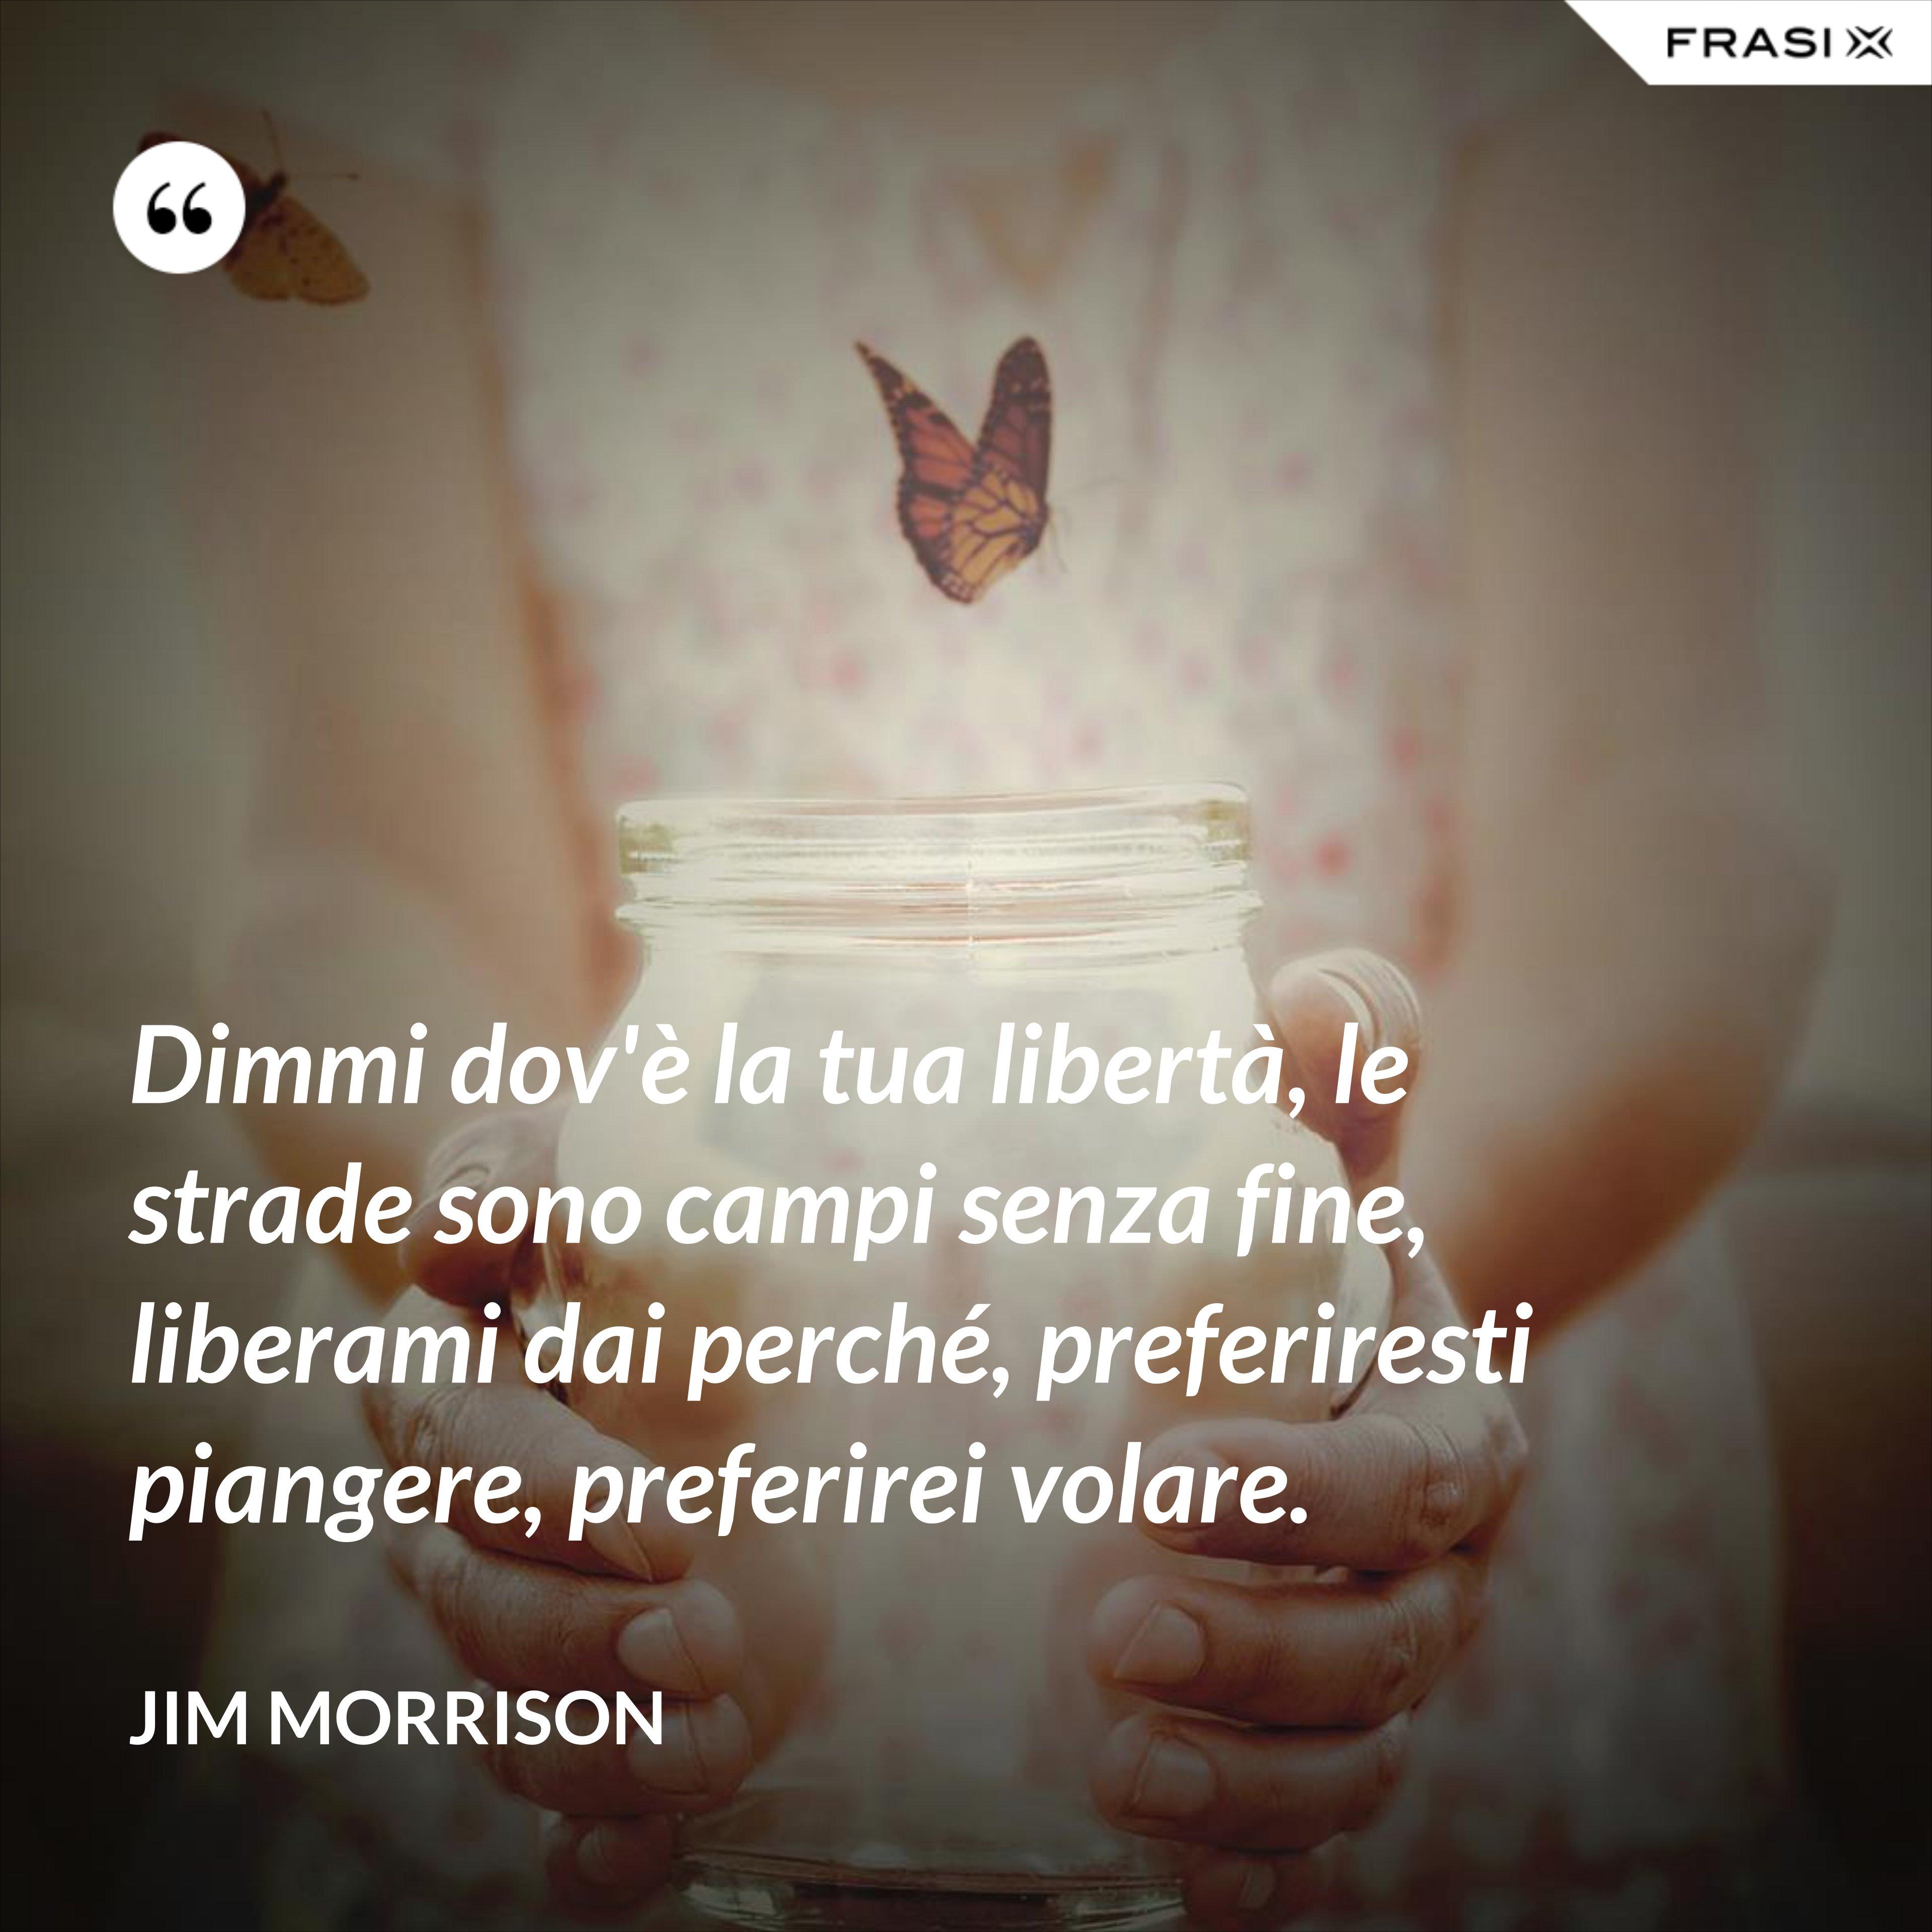 Dimmi dov'è la tua libertà, le strade sono campi senza fine, liberami dai perché, preferiresti piangere, preferirei volare. - Jim Morrison